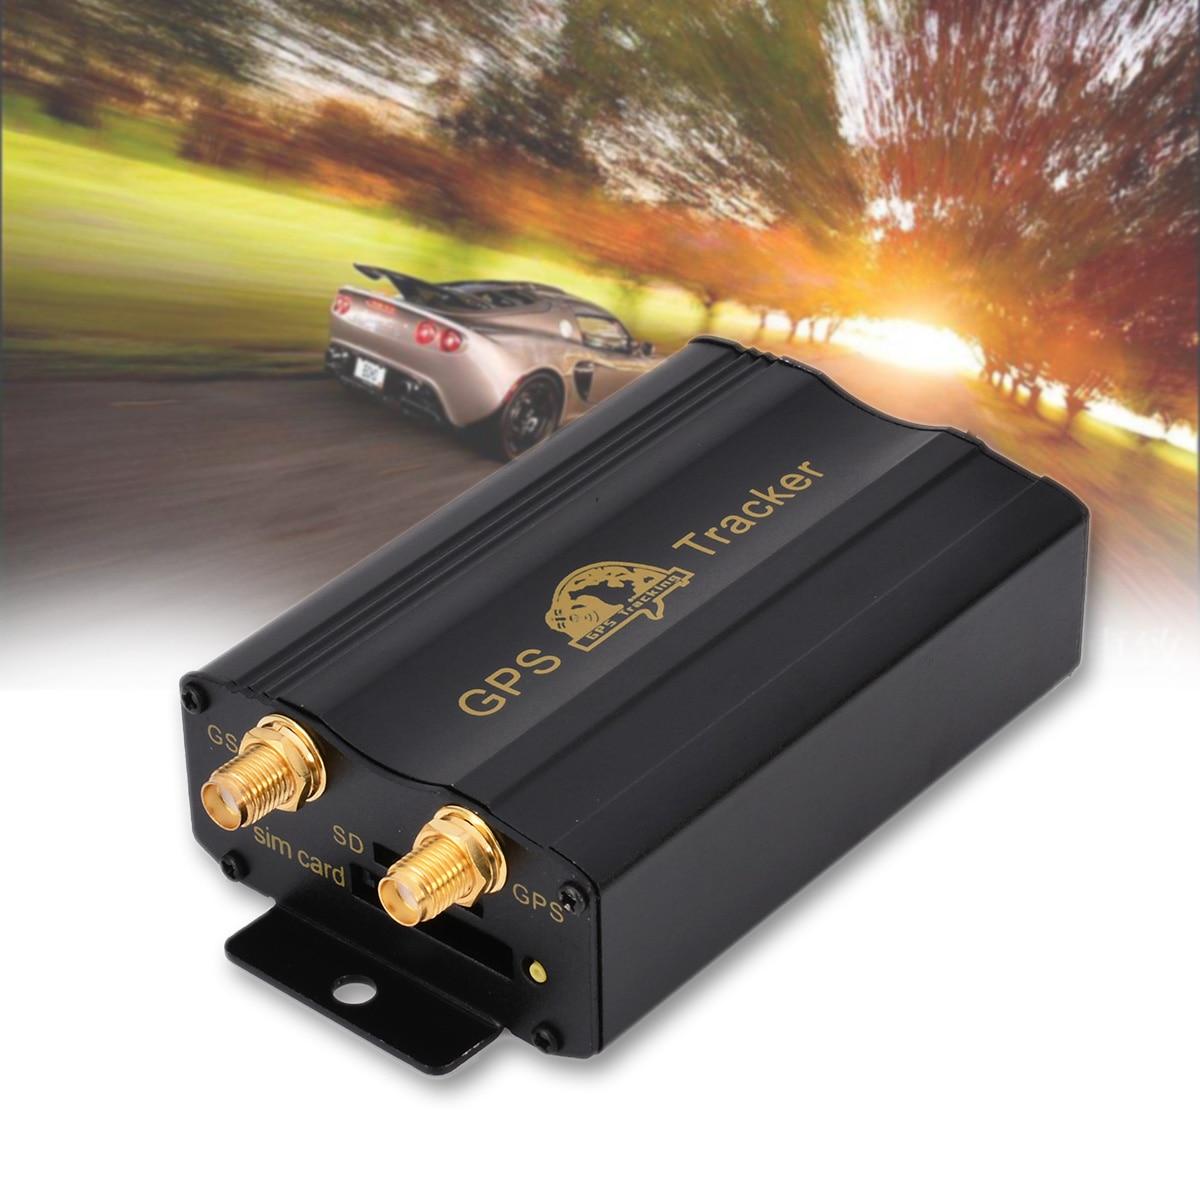 Nouveau 1 Set voiture GPS Tracker localisateur TK103B GPS/GSM/GPRS véhicule camion système antivol avec Kit de télécommande